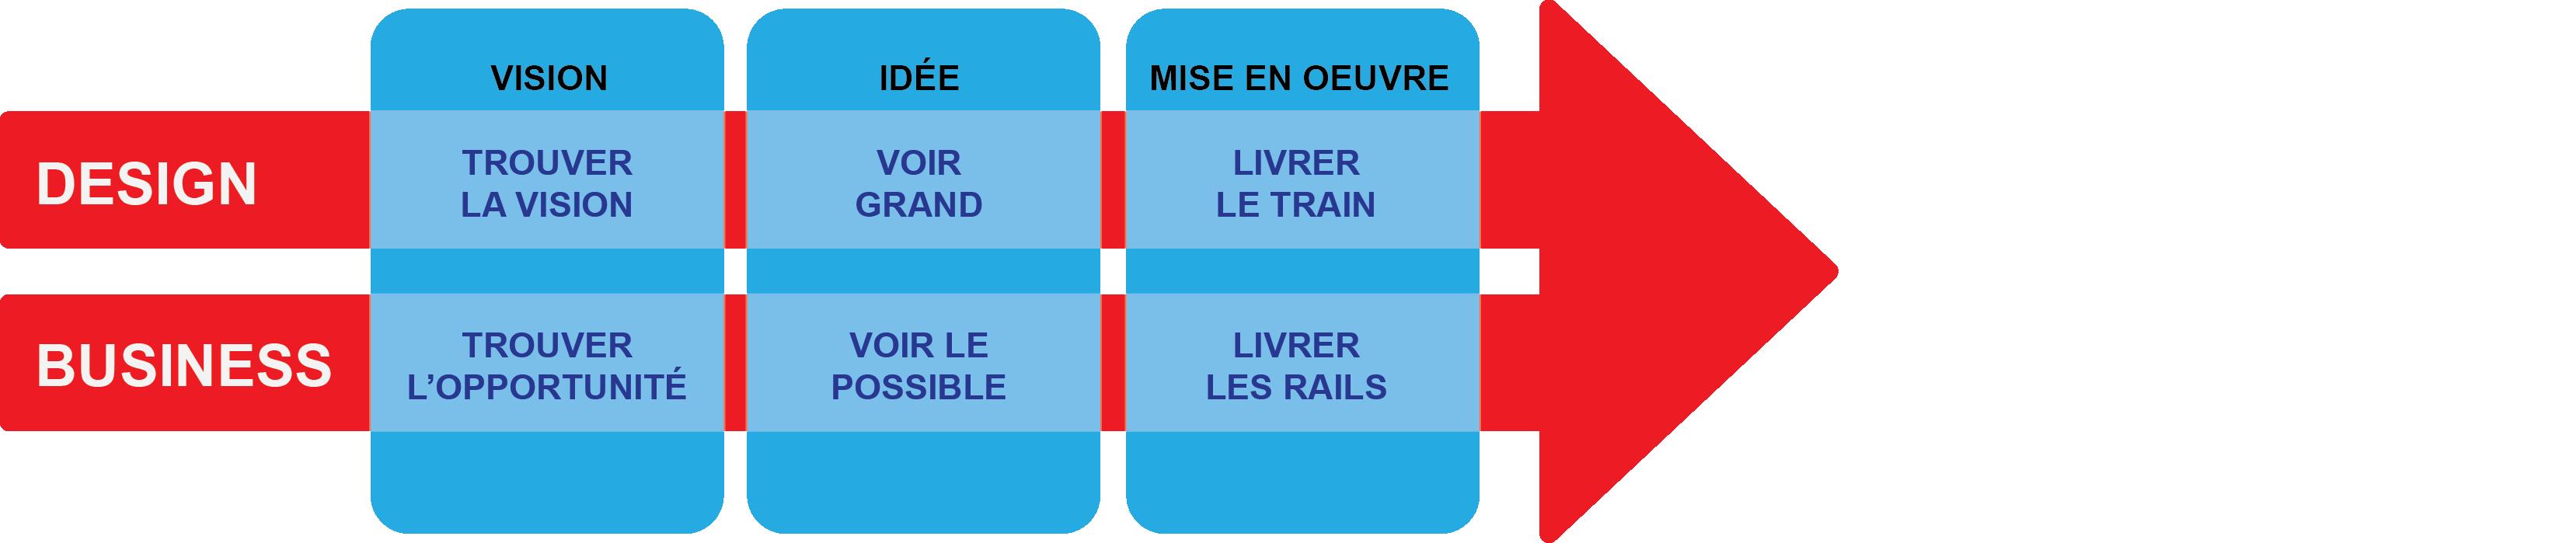 Graphique de la stratégie du design